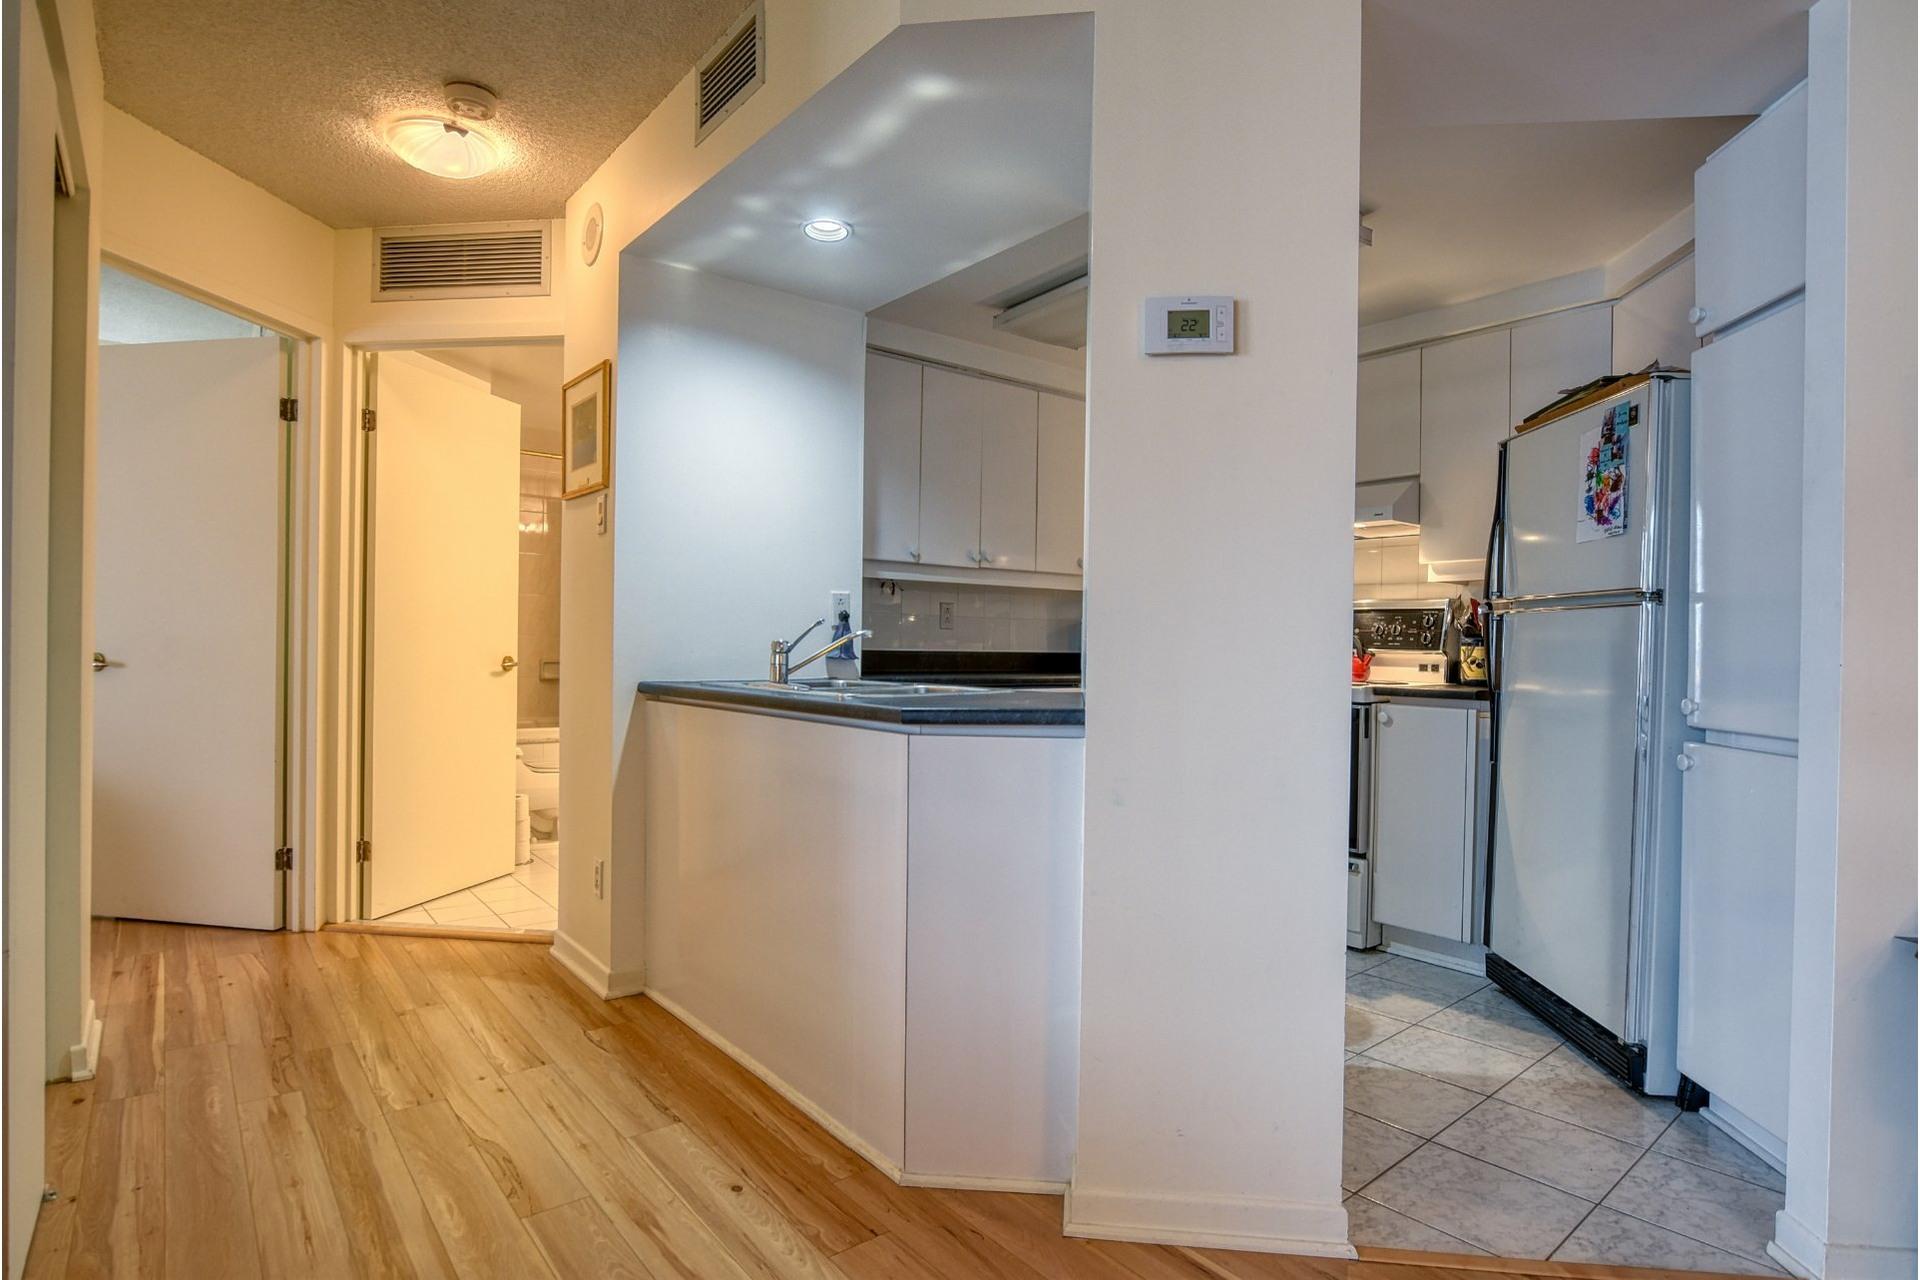 image 4 - Appartement À louer Montréal-Nord Montréal  - 4 pièces